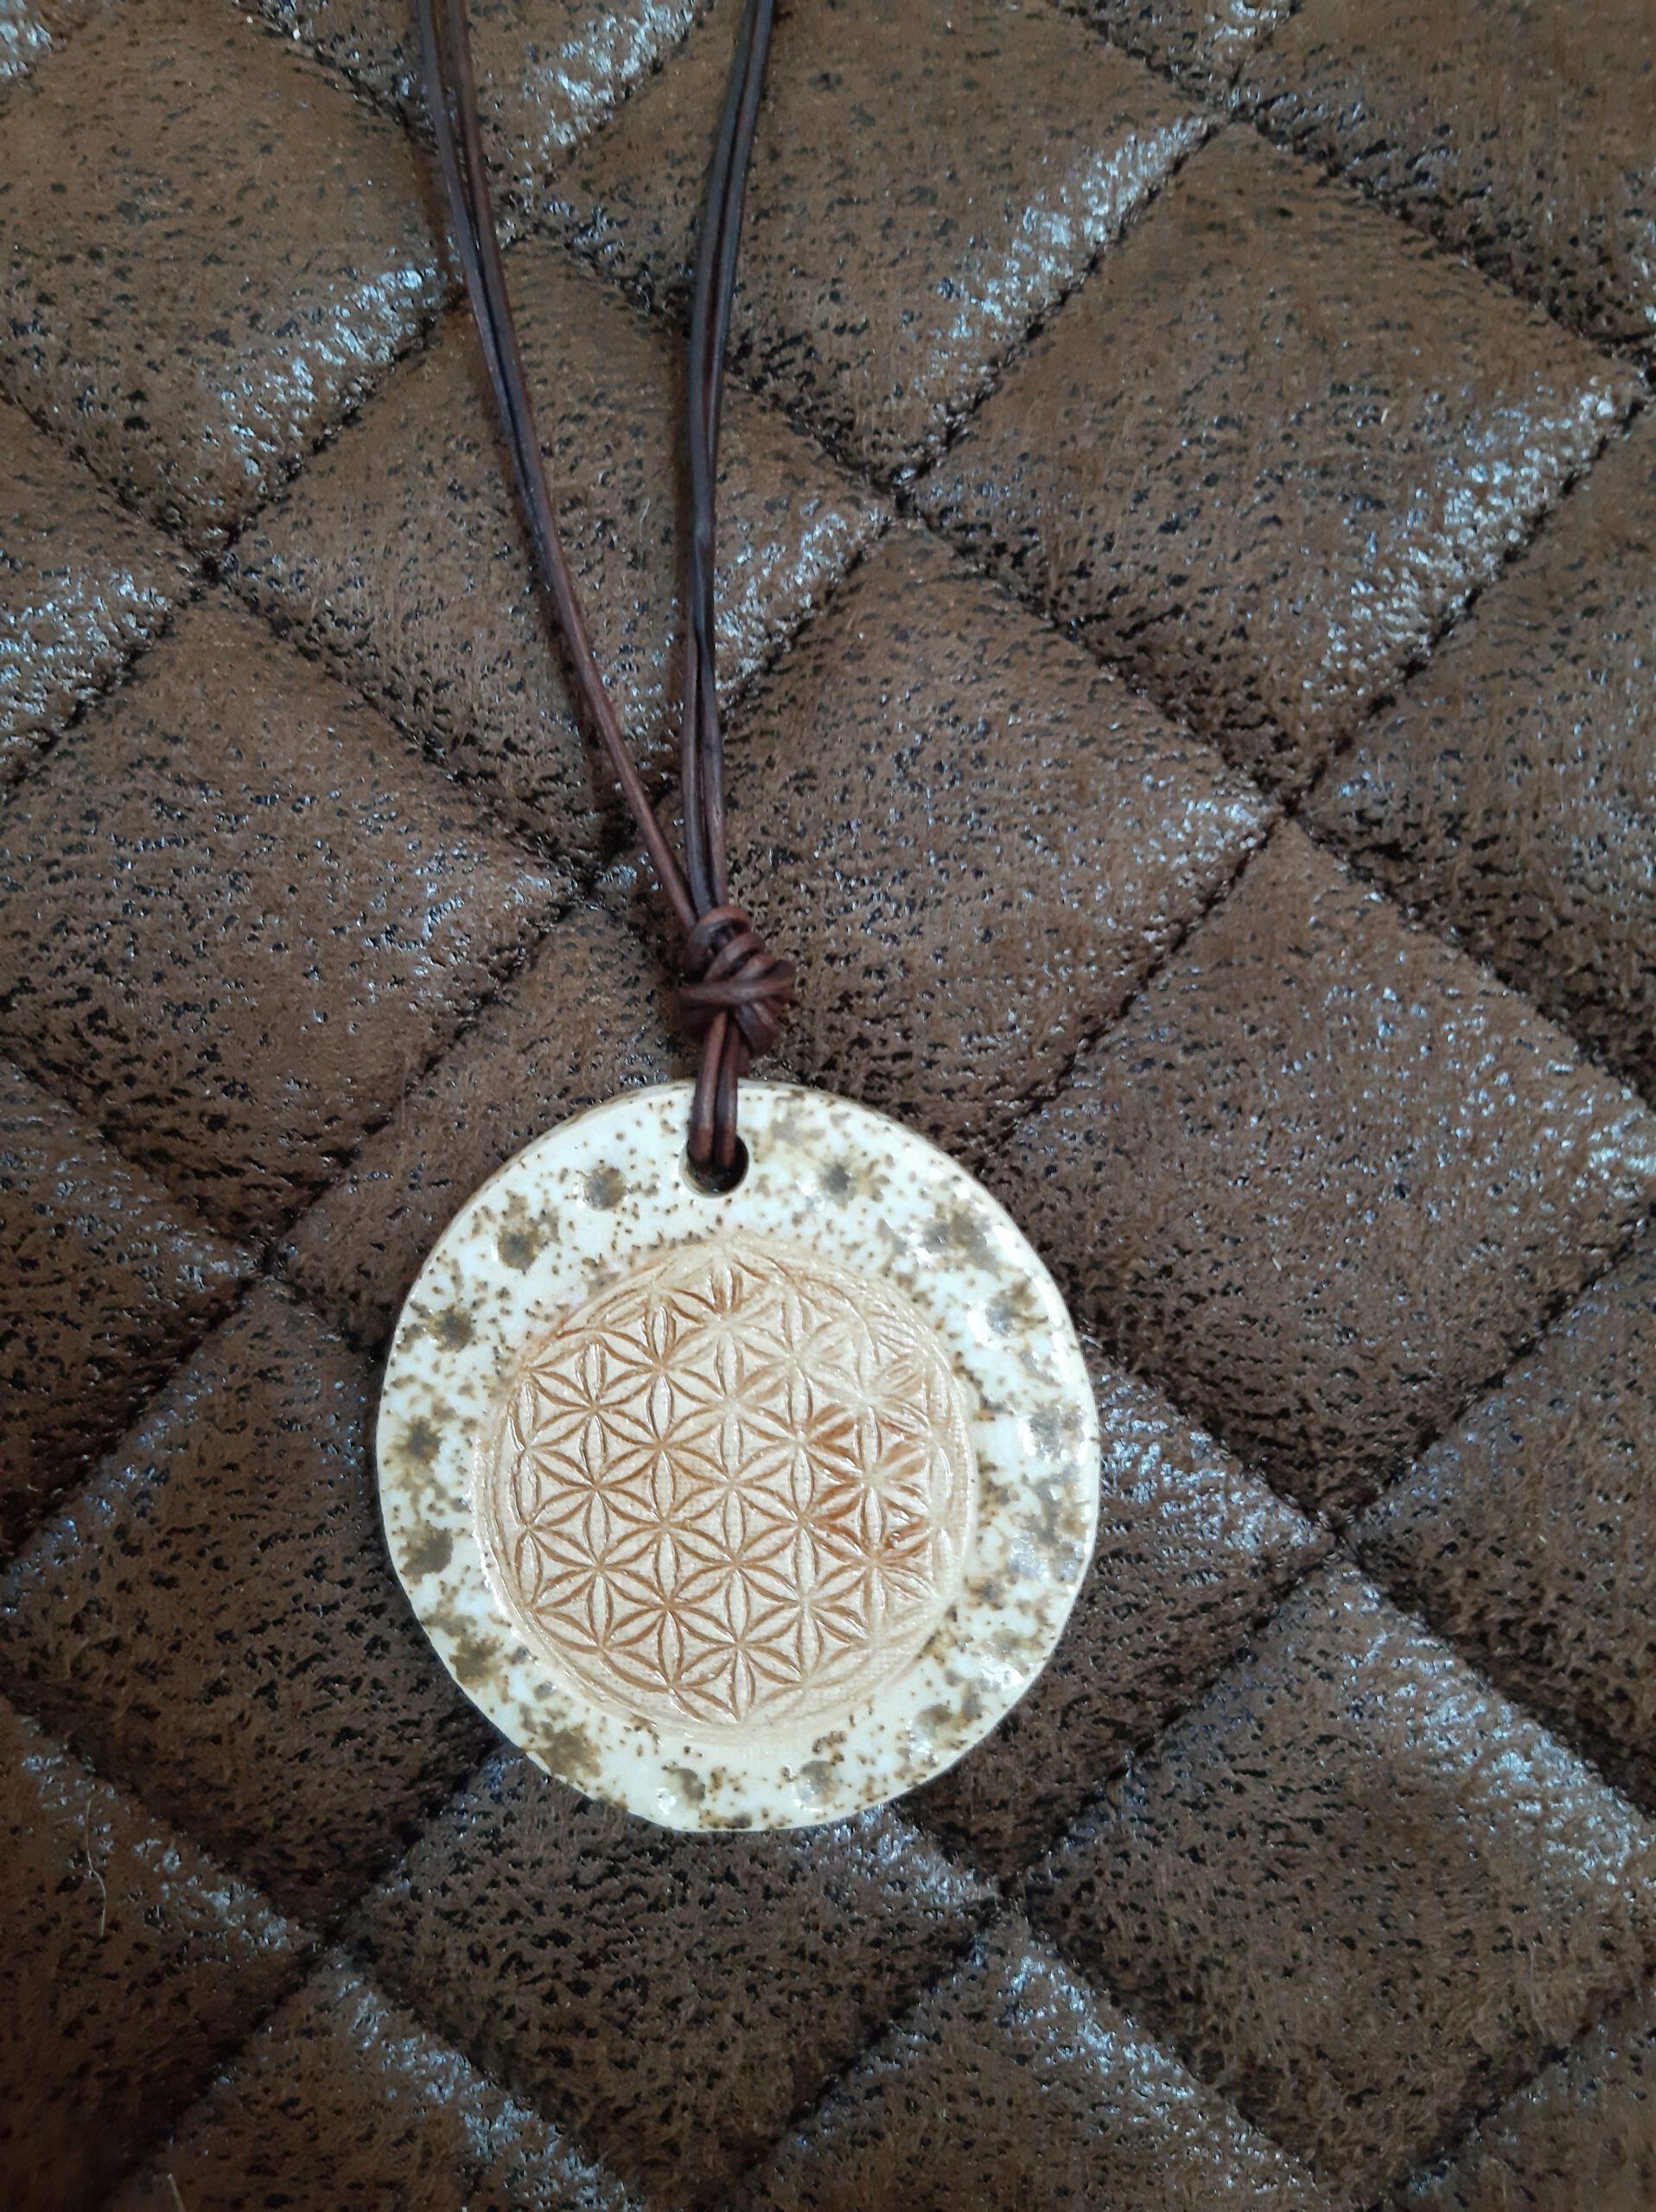 Keramikanhänger an Lederband, Schmuck aus Ton, Keramik, Augsburg, Handarbeit, KeraMik von Herz zu Herz